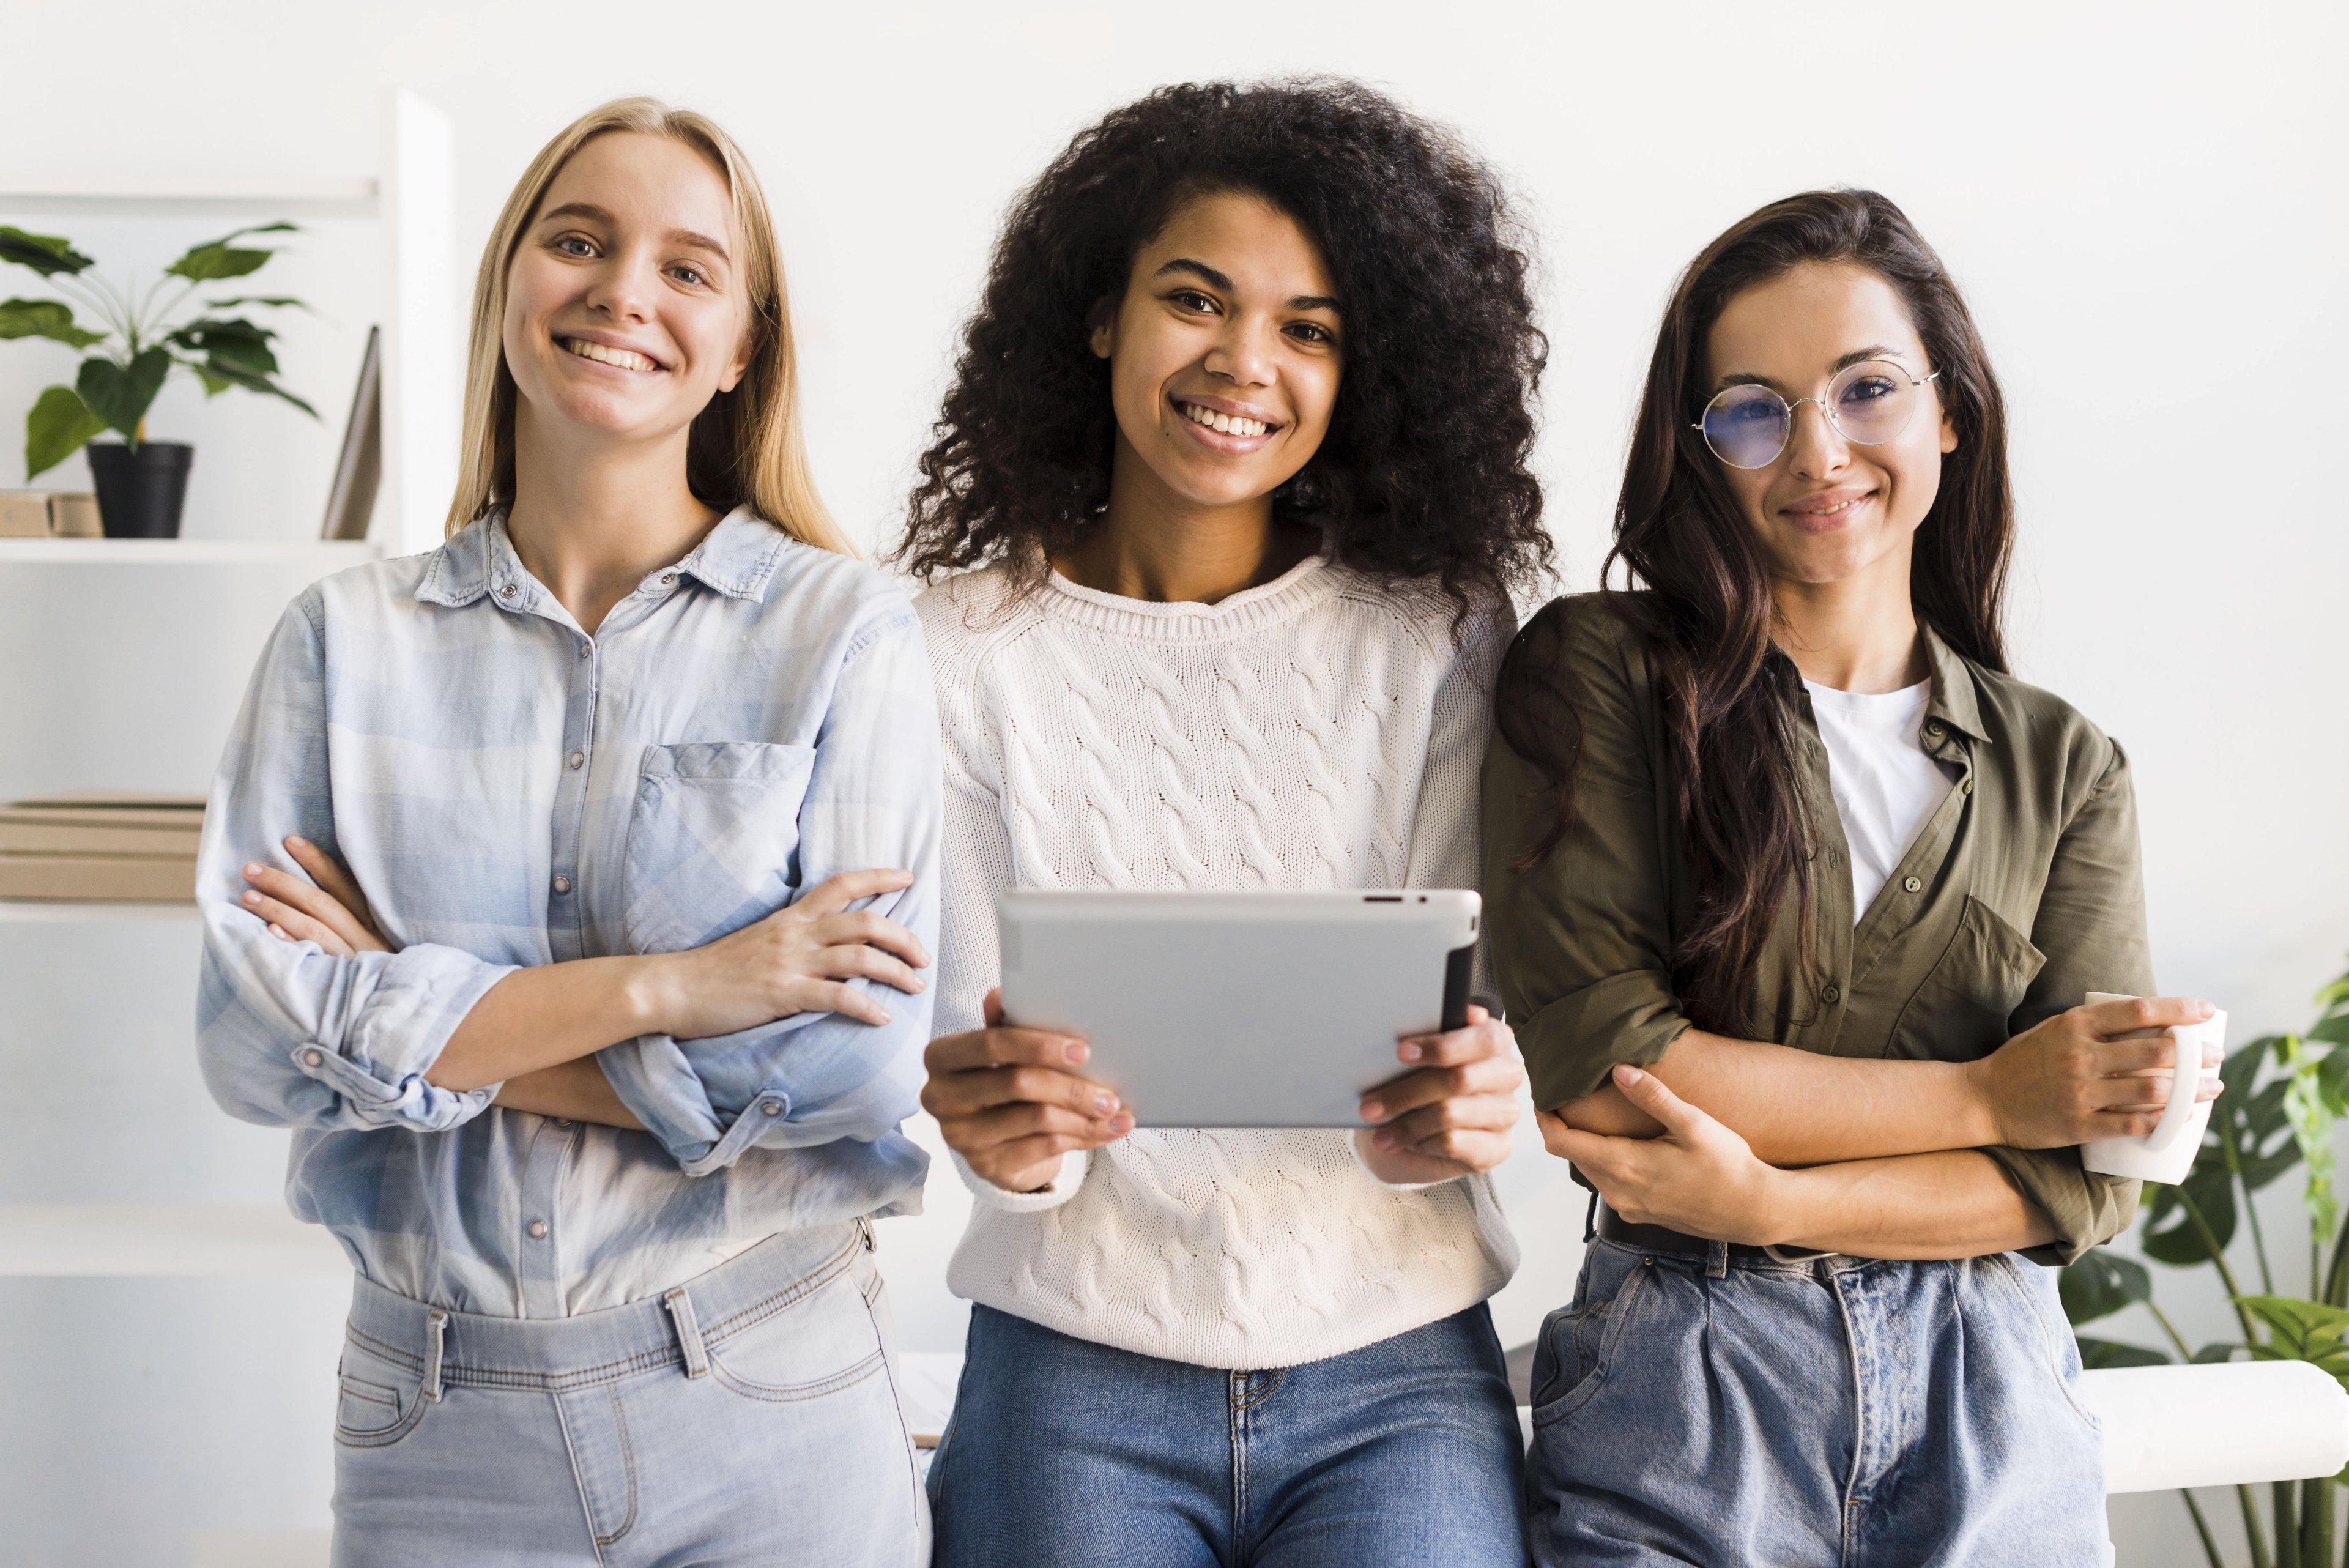 lugar de mulher no mercado de trabalho